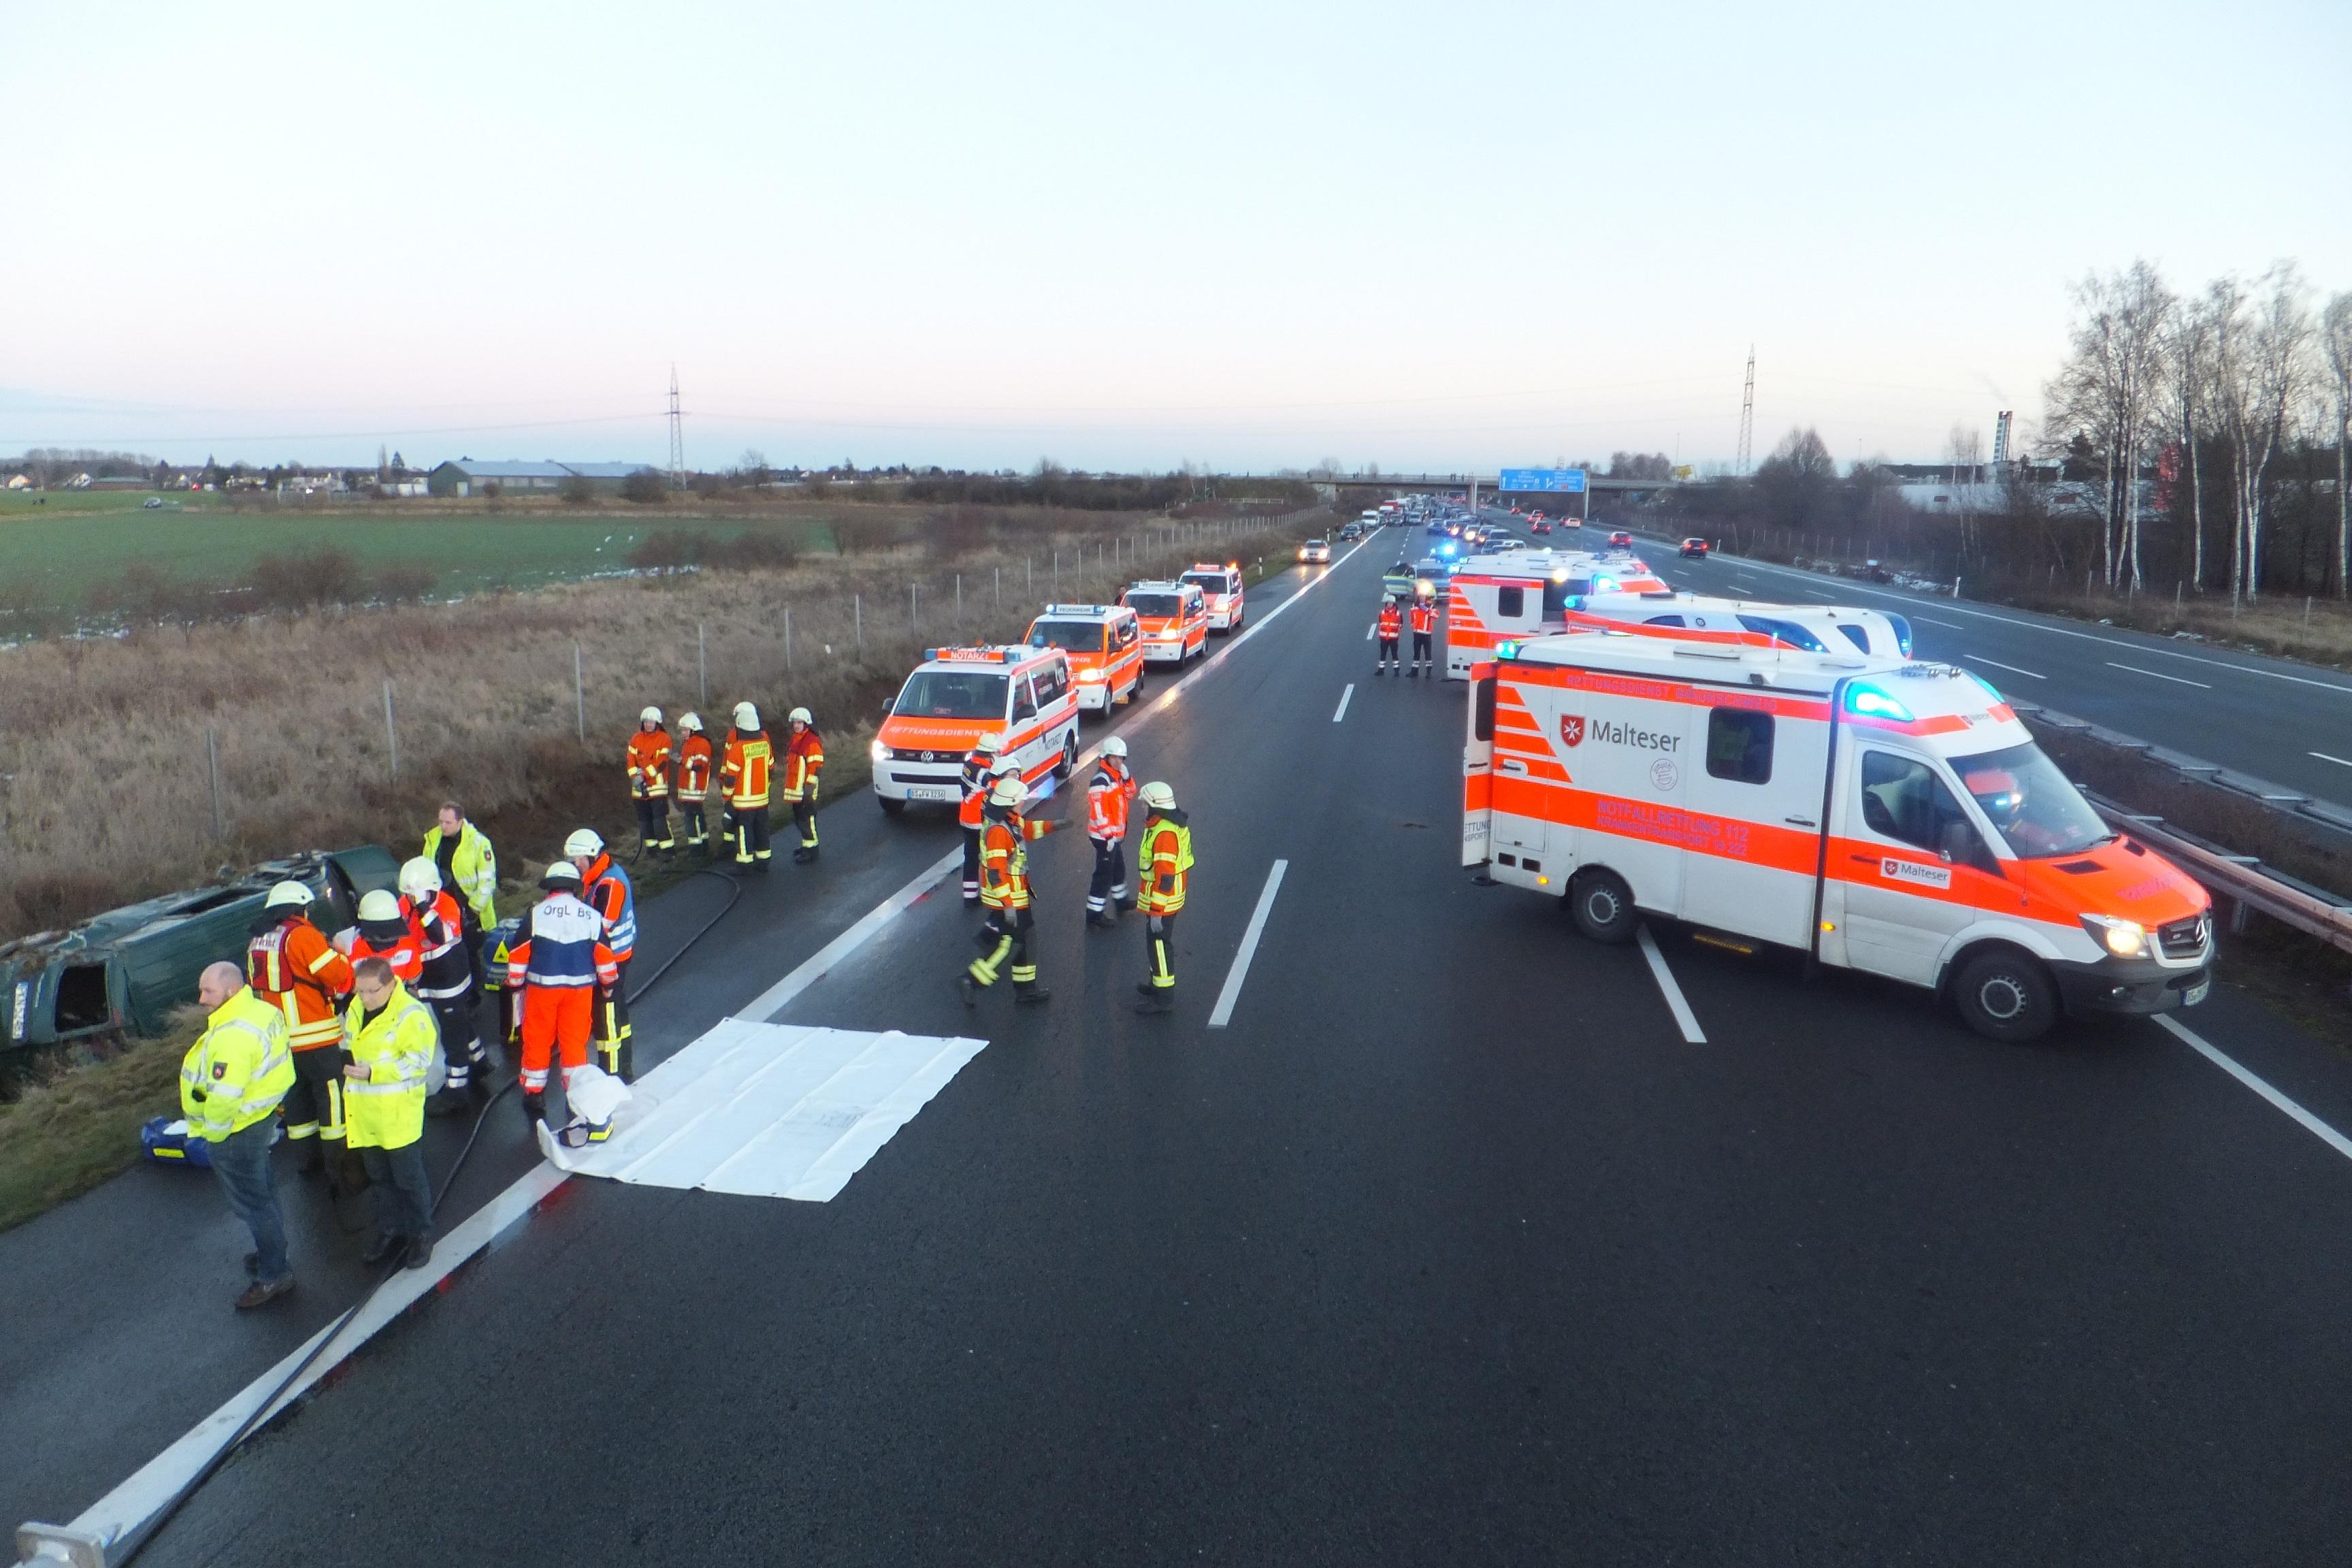 Verkehrsunfall auf der A2 mit mehreren verletzten Personen